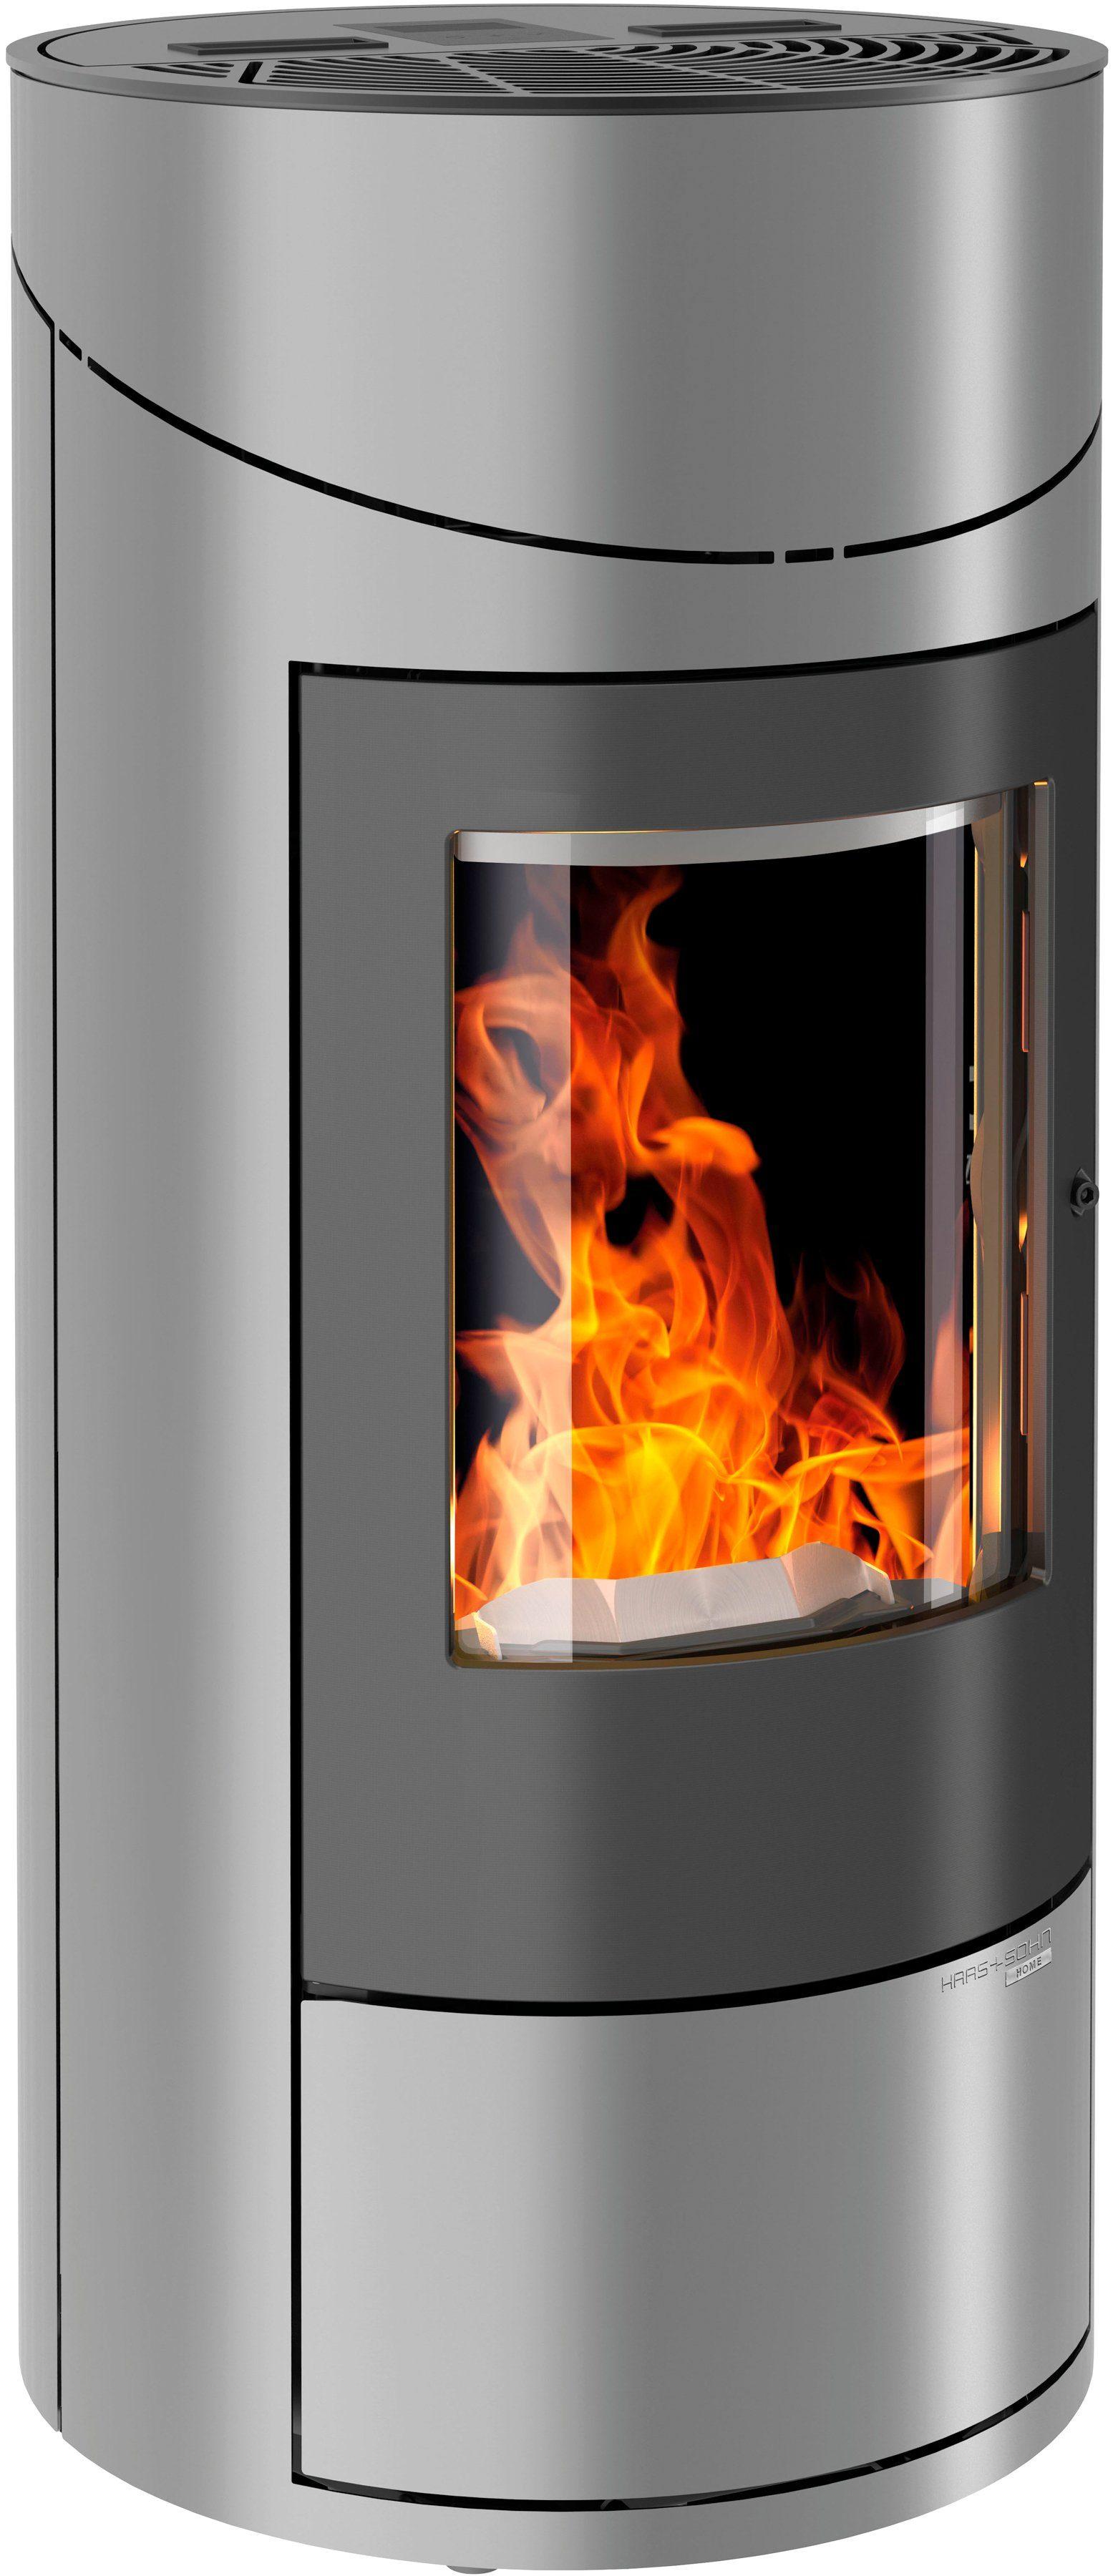 HAAS+SOHN Pelletofen »HSP 7«, Stahl, 8 kW, Dauerbrand